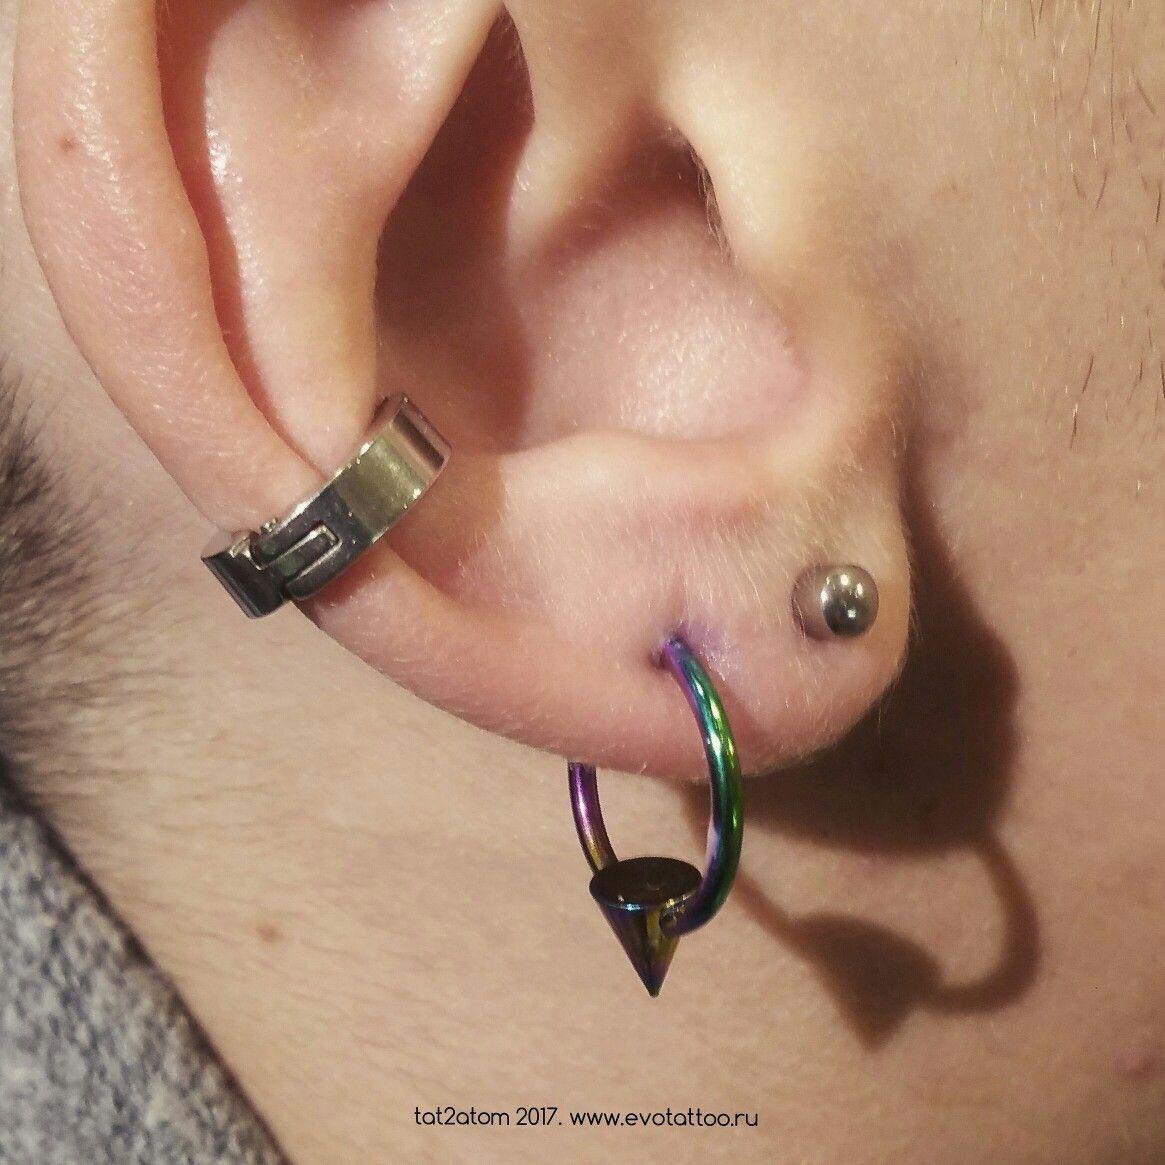 Пирсинг мочки уха(второй прокол мочки). Украшение из анодированного титана  G23 3dc439d11a16d